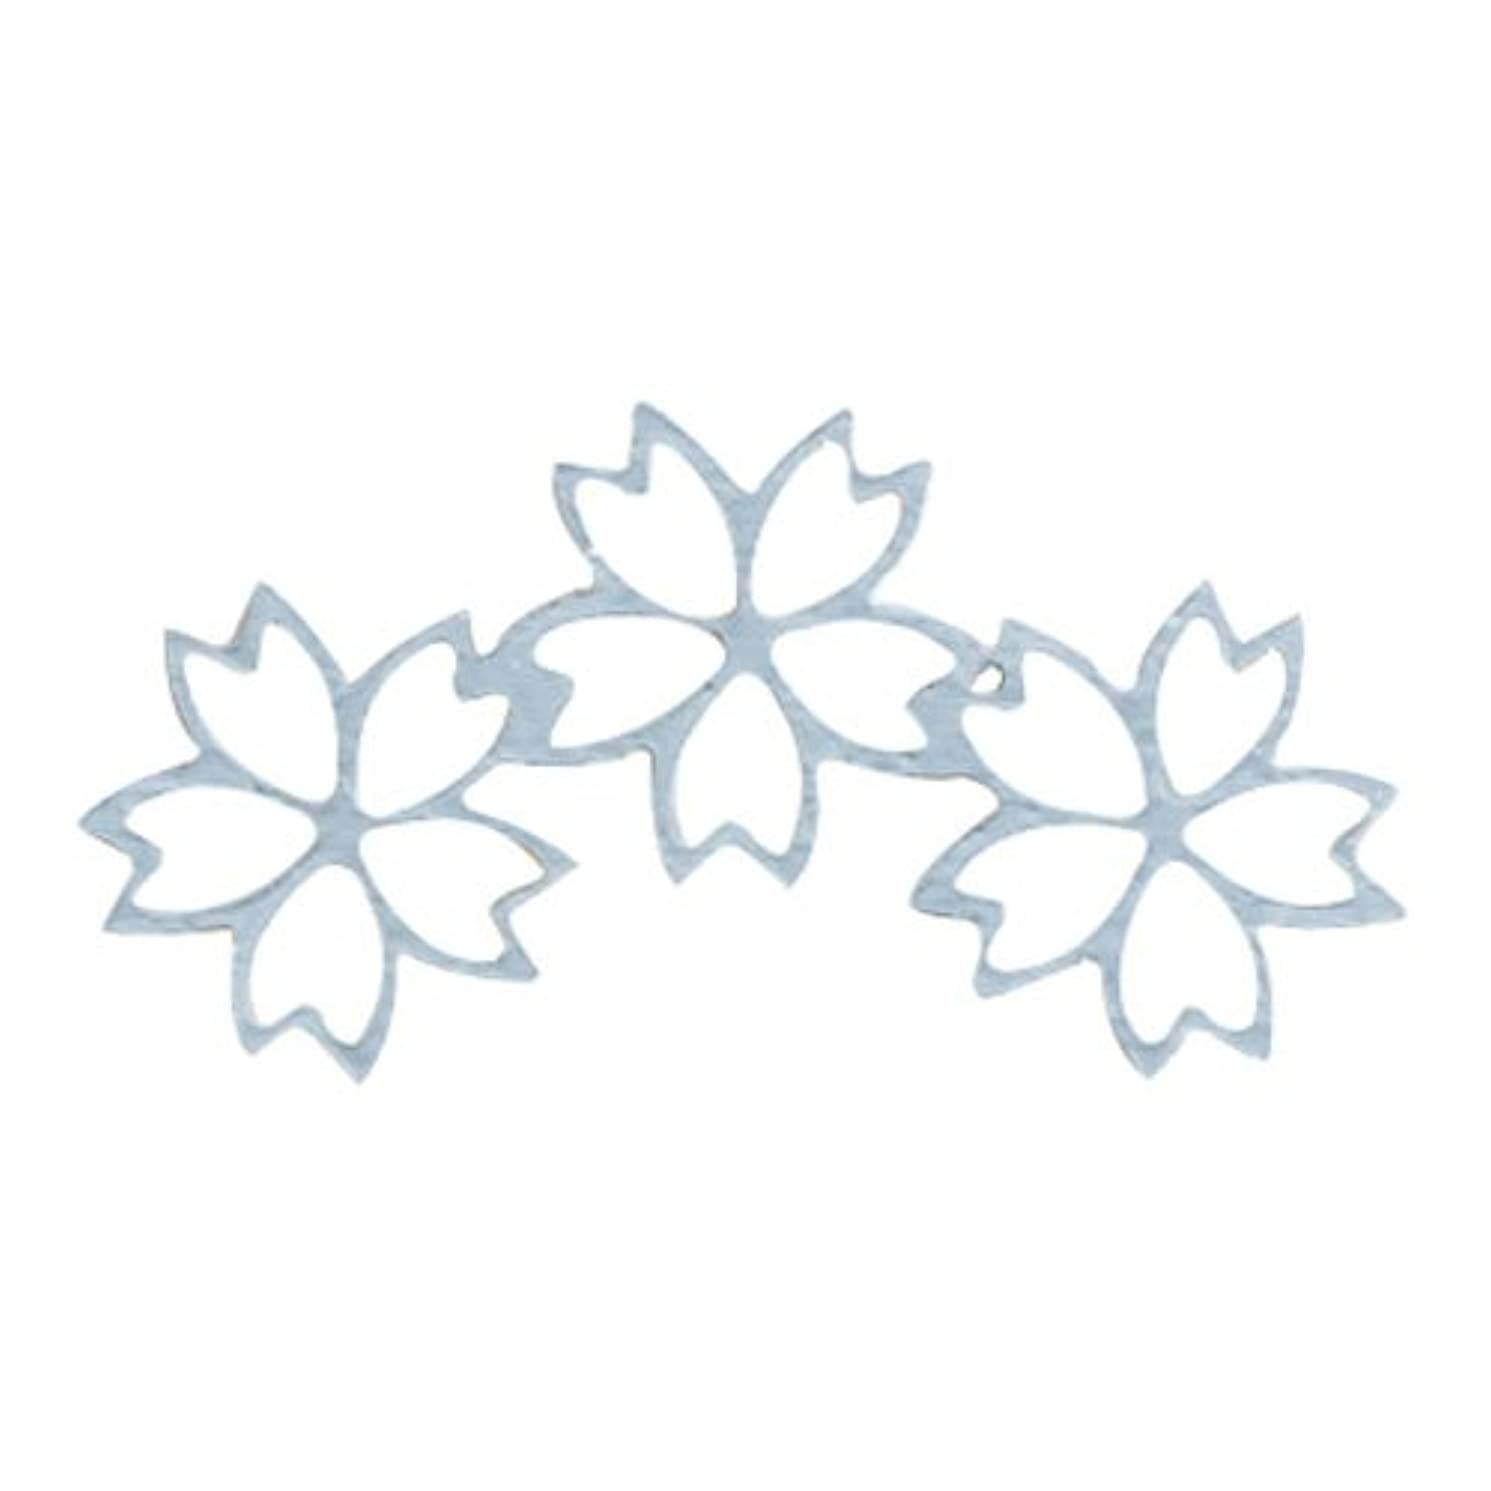 見落とす生命体居住者リトルプリティー ネイルアートパーツ チェリーブロッサム3連スカシ シルバー 10個